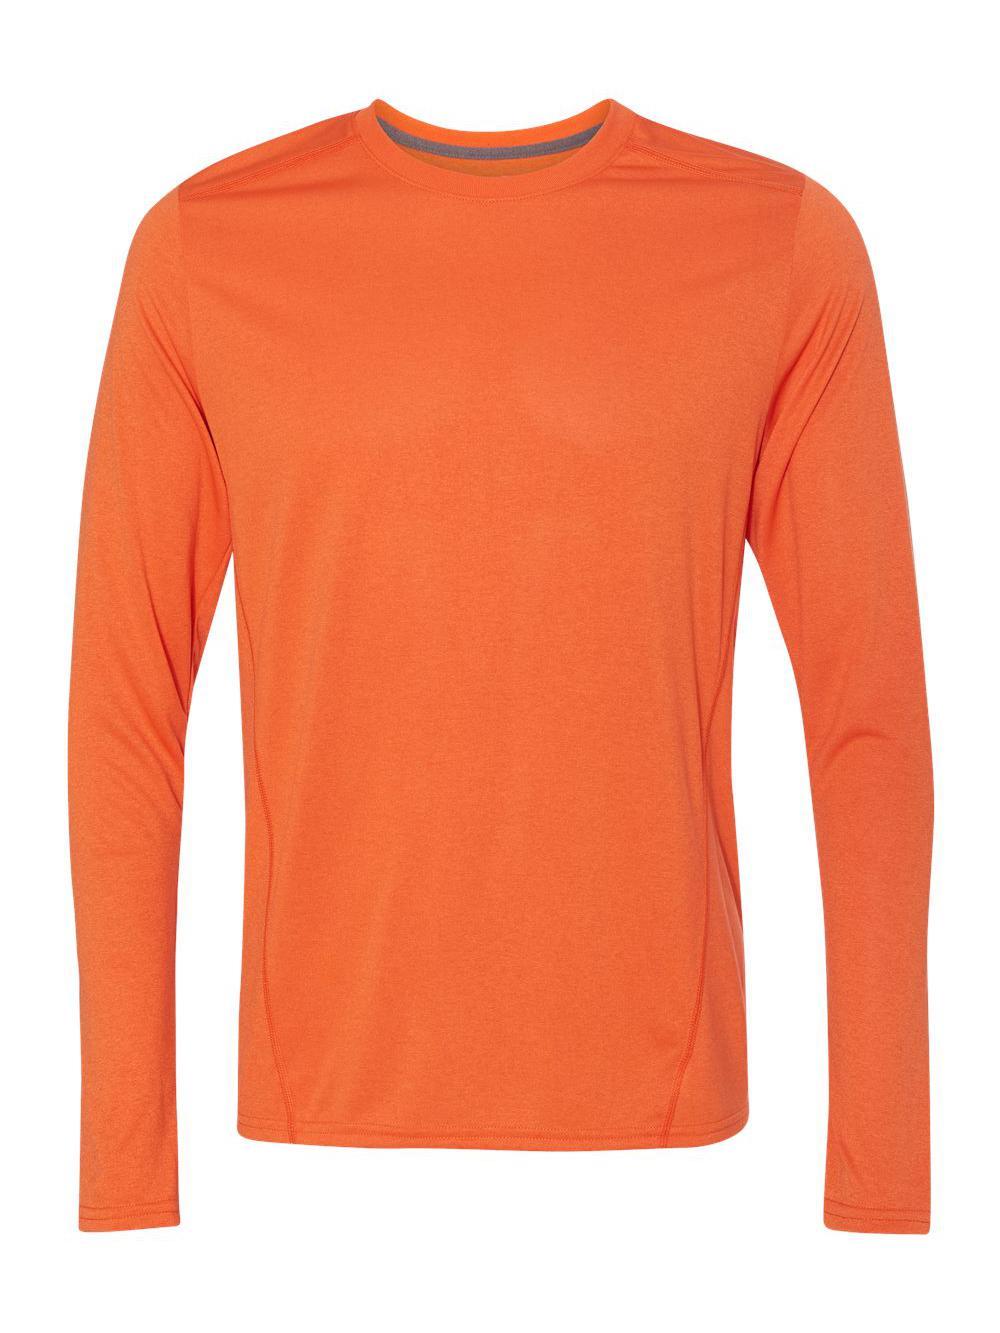 Gildan-Tech-Performance-Long-Sleeve-T-Shirt-47400 miniatura 15